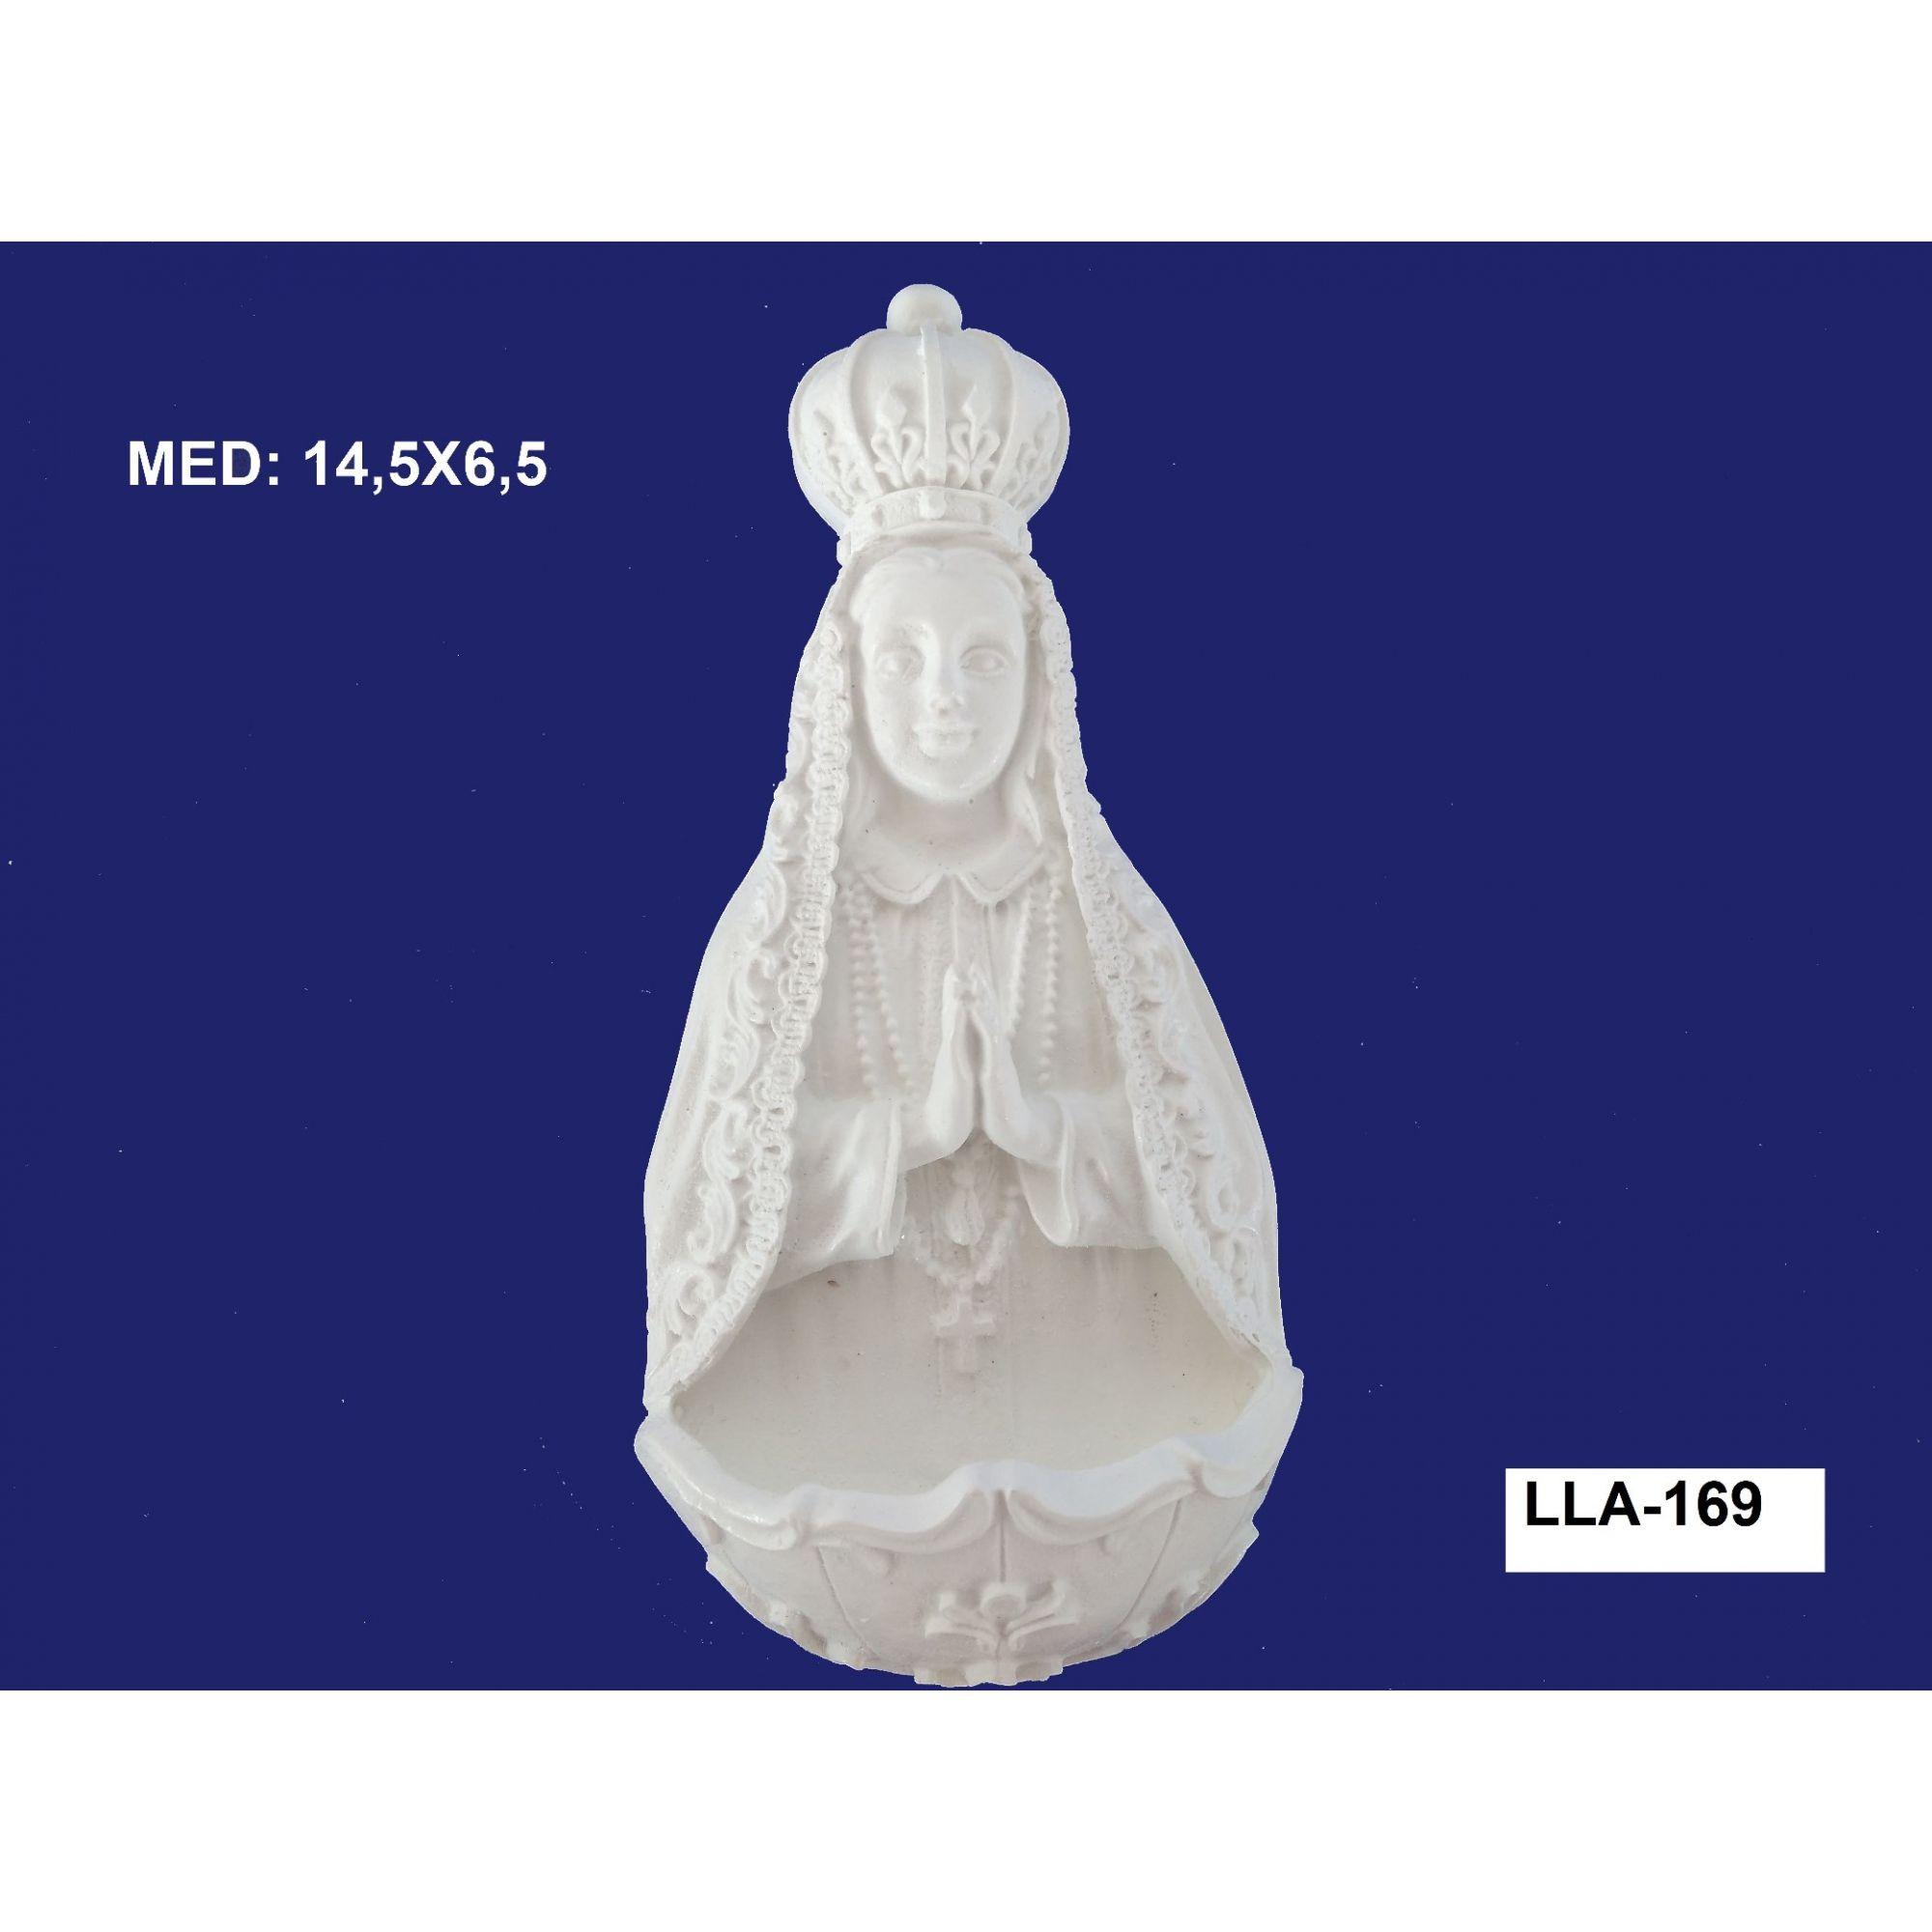 LLA-169 APLIQUE SANTA COM PIA 14,5X6,5CM